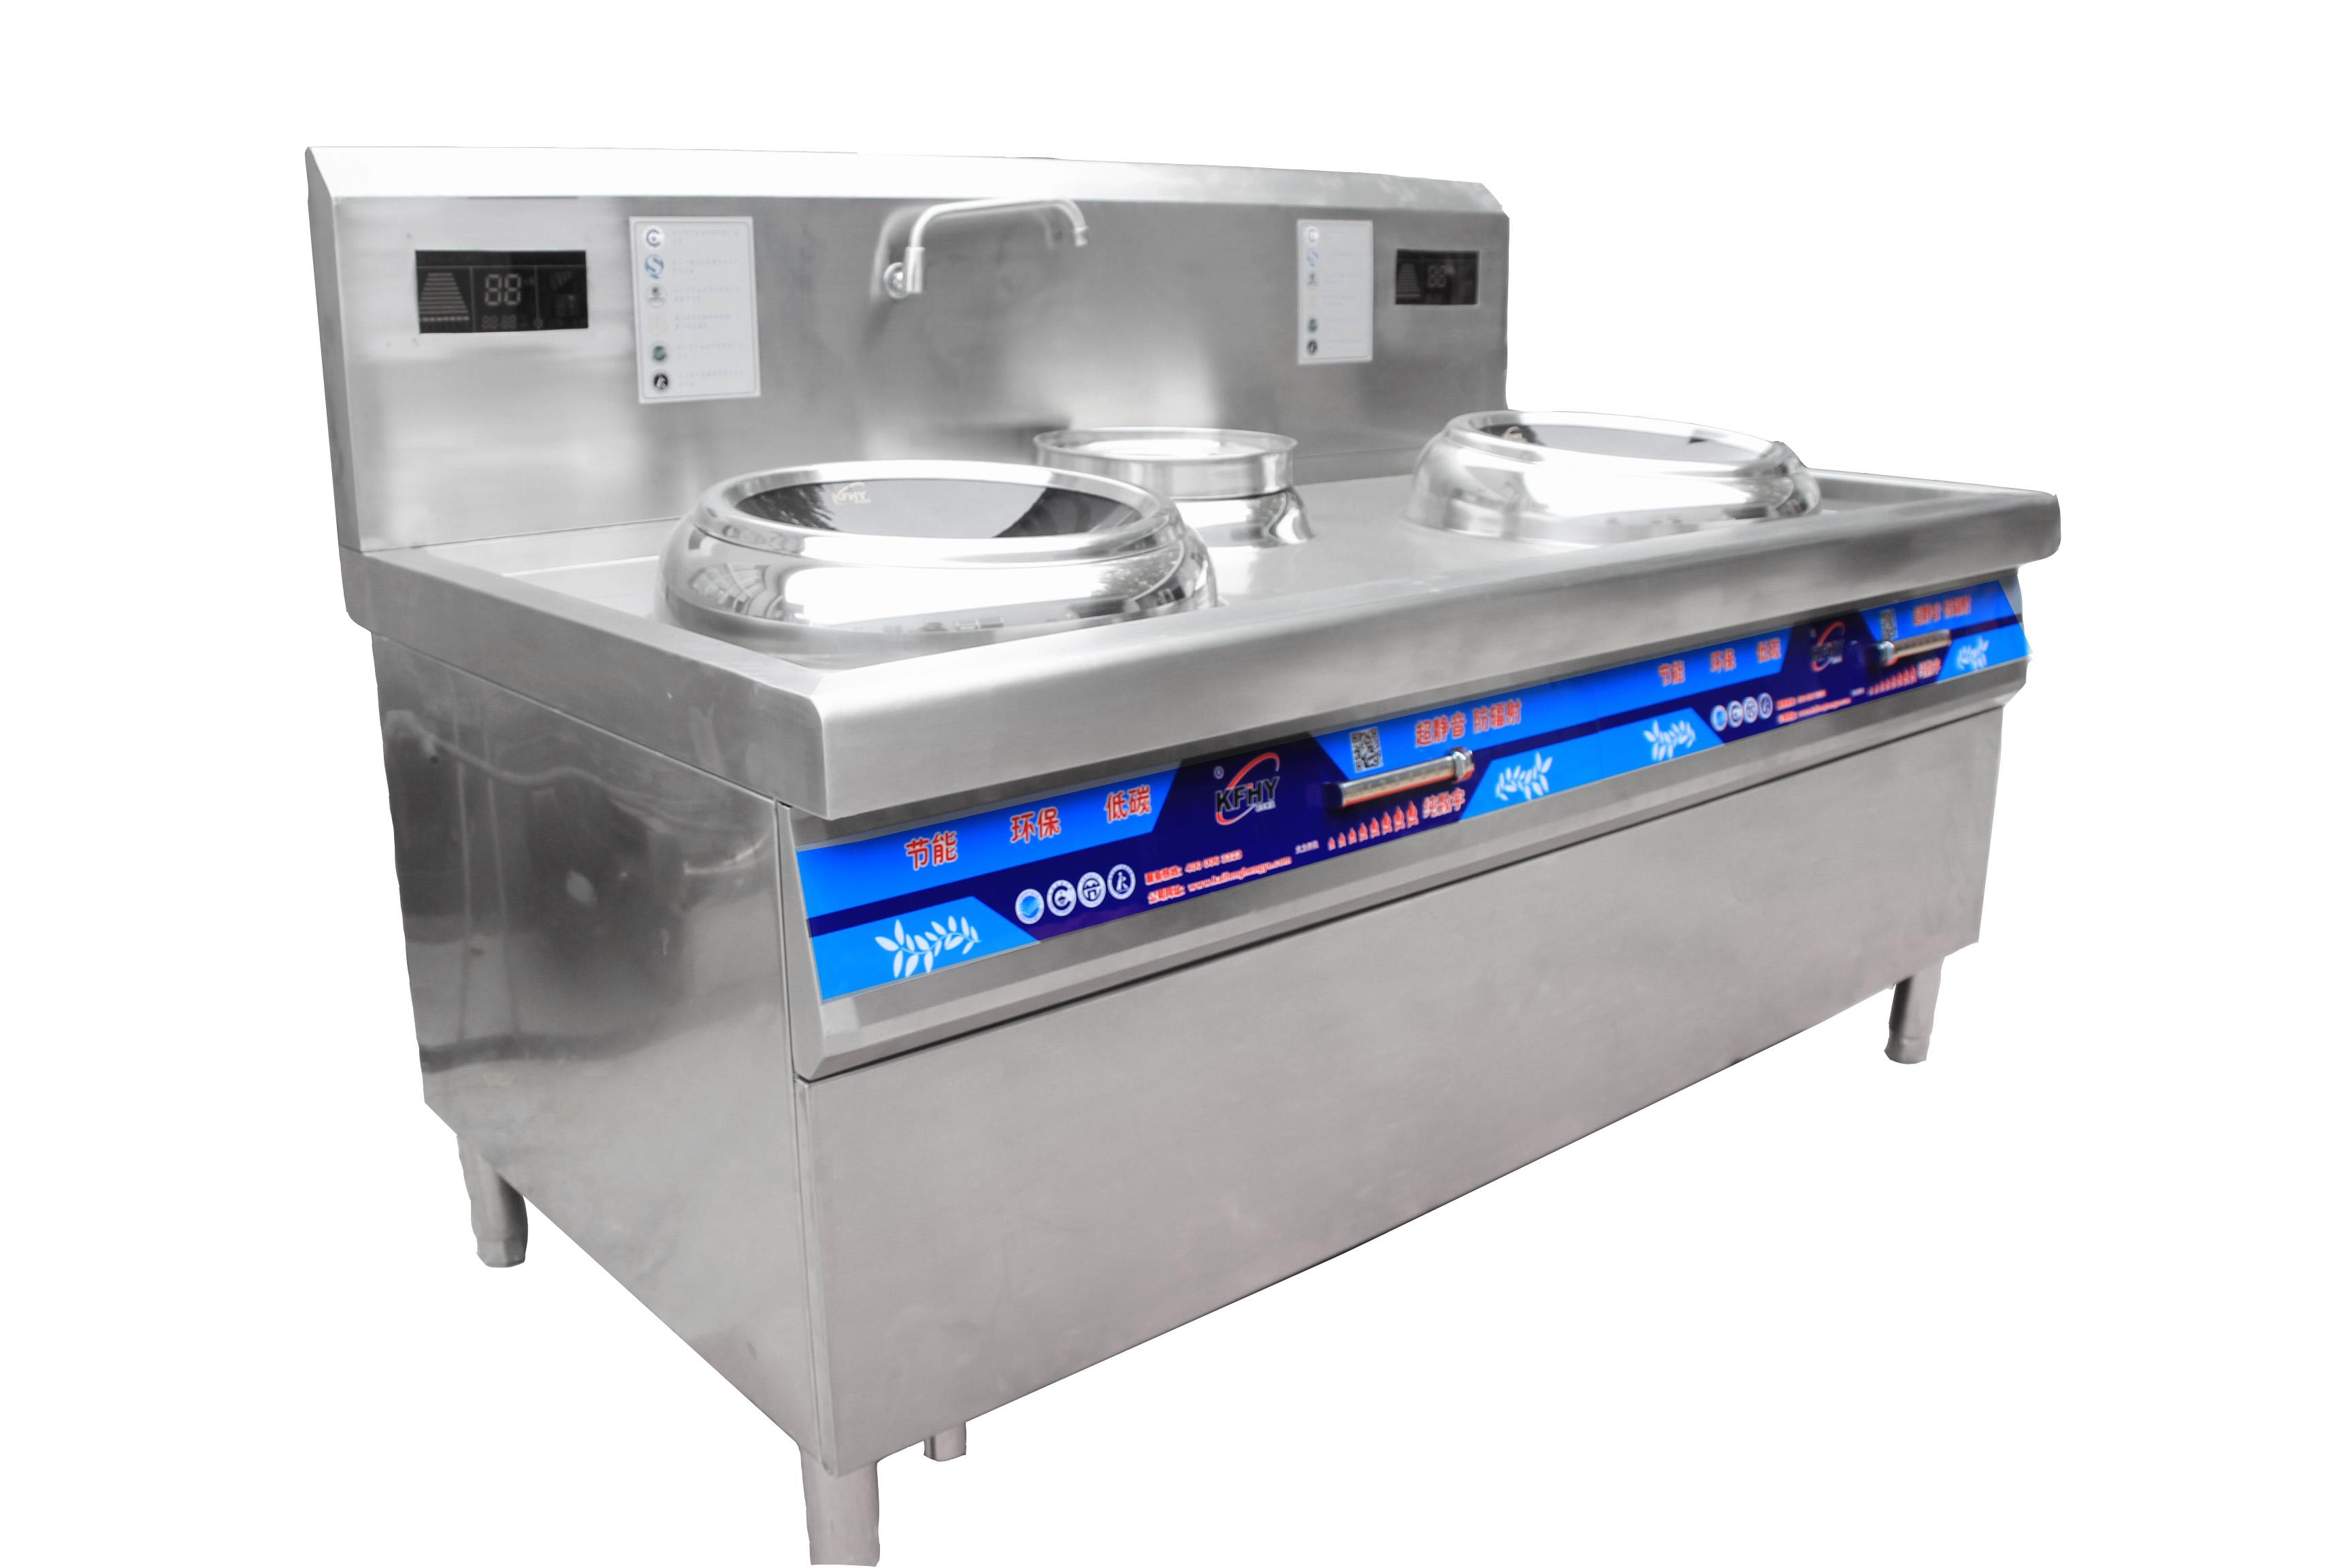 辽阳大功率商用电磁炉,商用电磁灶维修